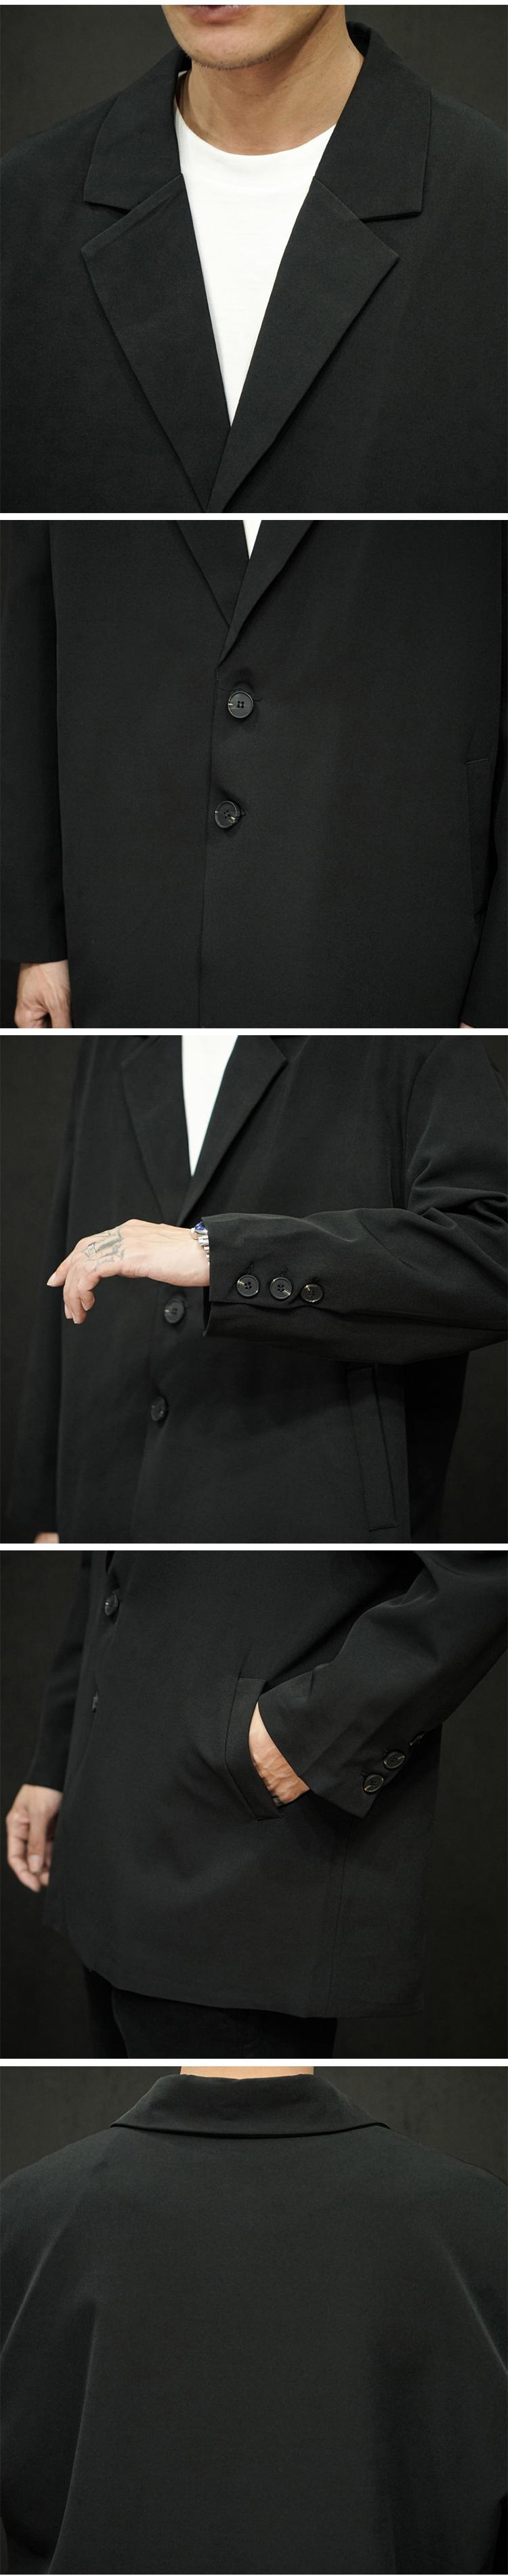 2020 春季日系 男士纯色 休闲西装A009-X911-P85 黑色 100锦棉